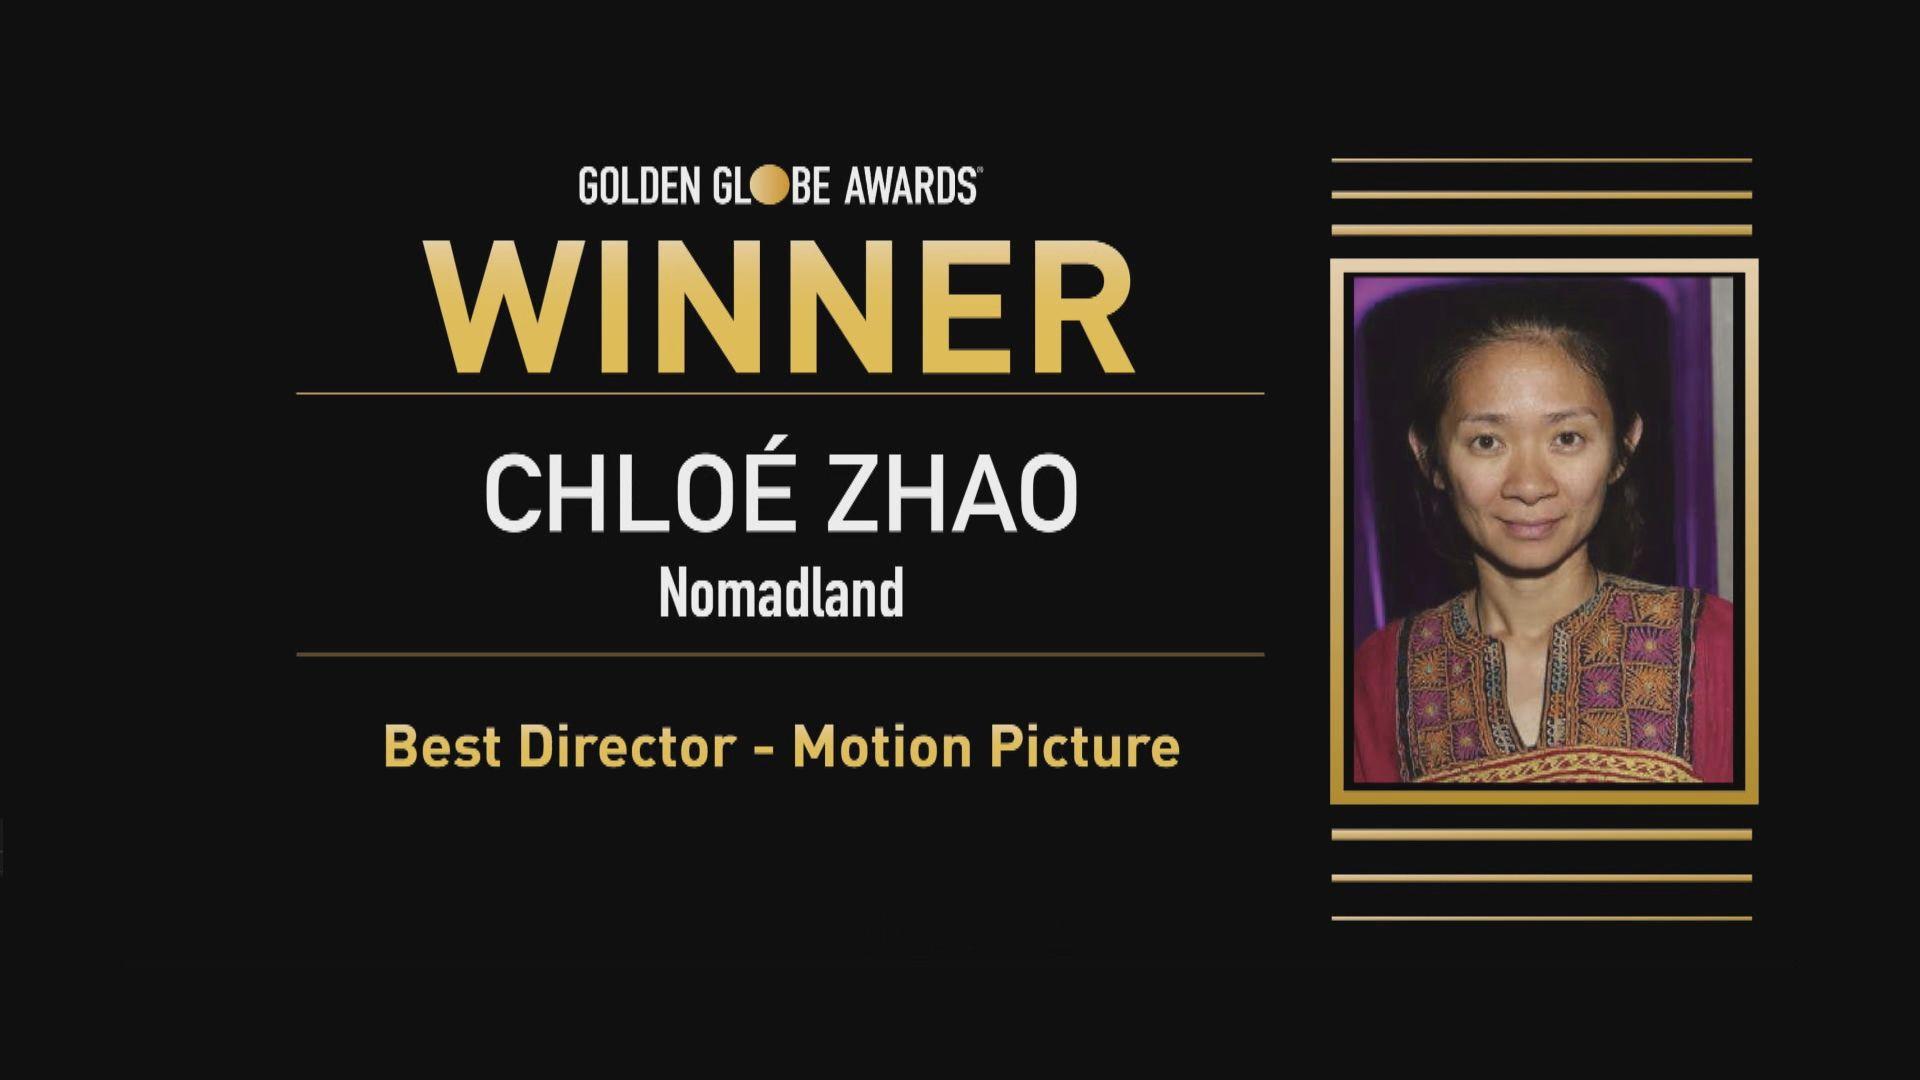 趙婷憑《浪跡天地》成首位華裔女性奪得金球獎最佳導演獎